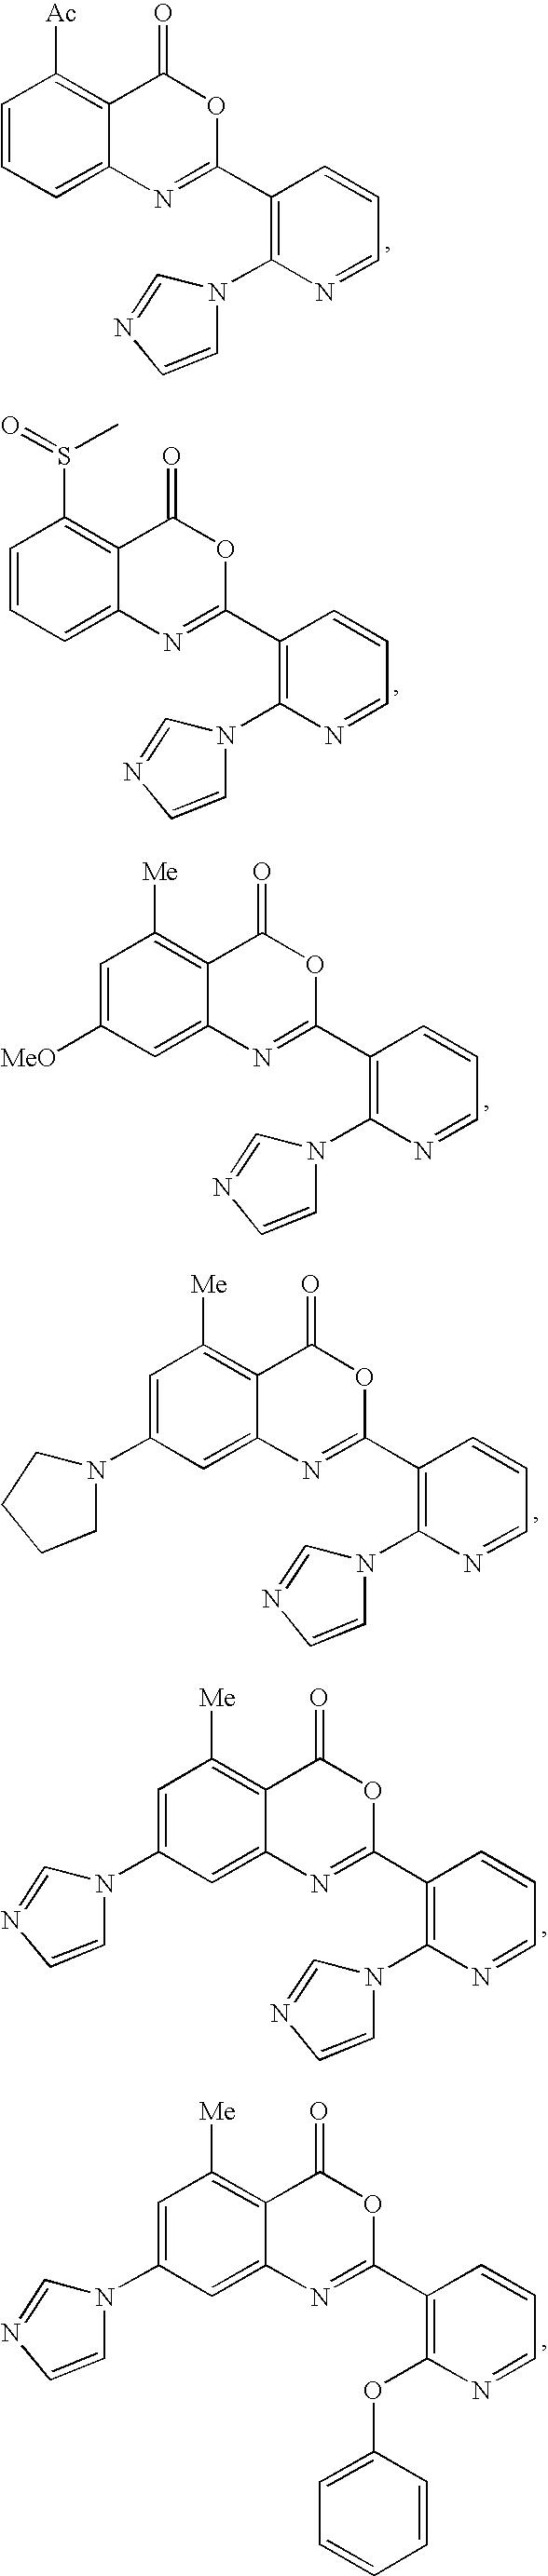 Figure US20080161290A1-20080703-C00388